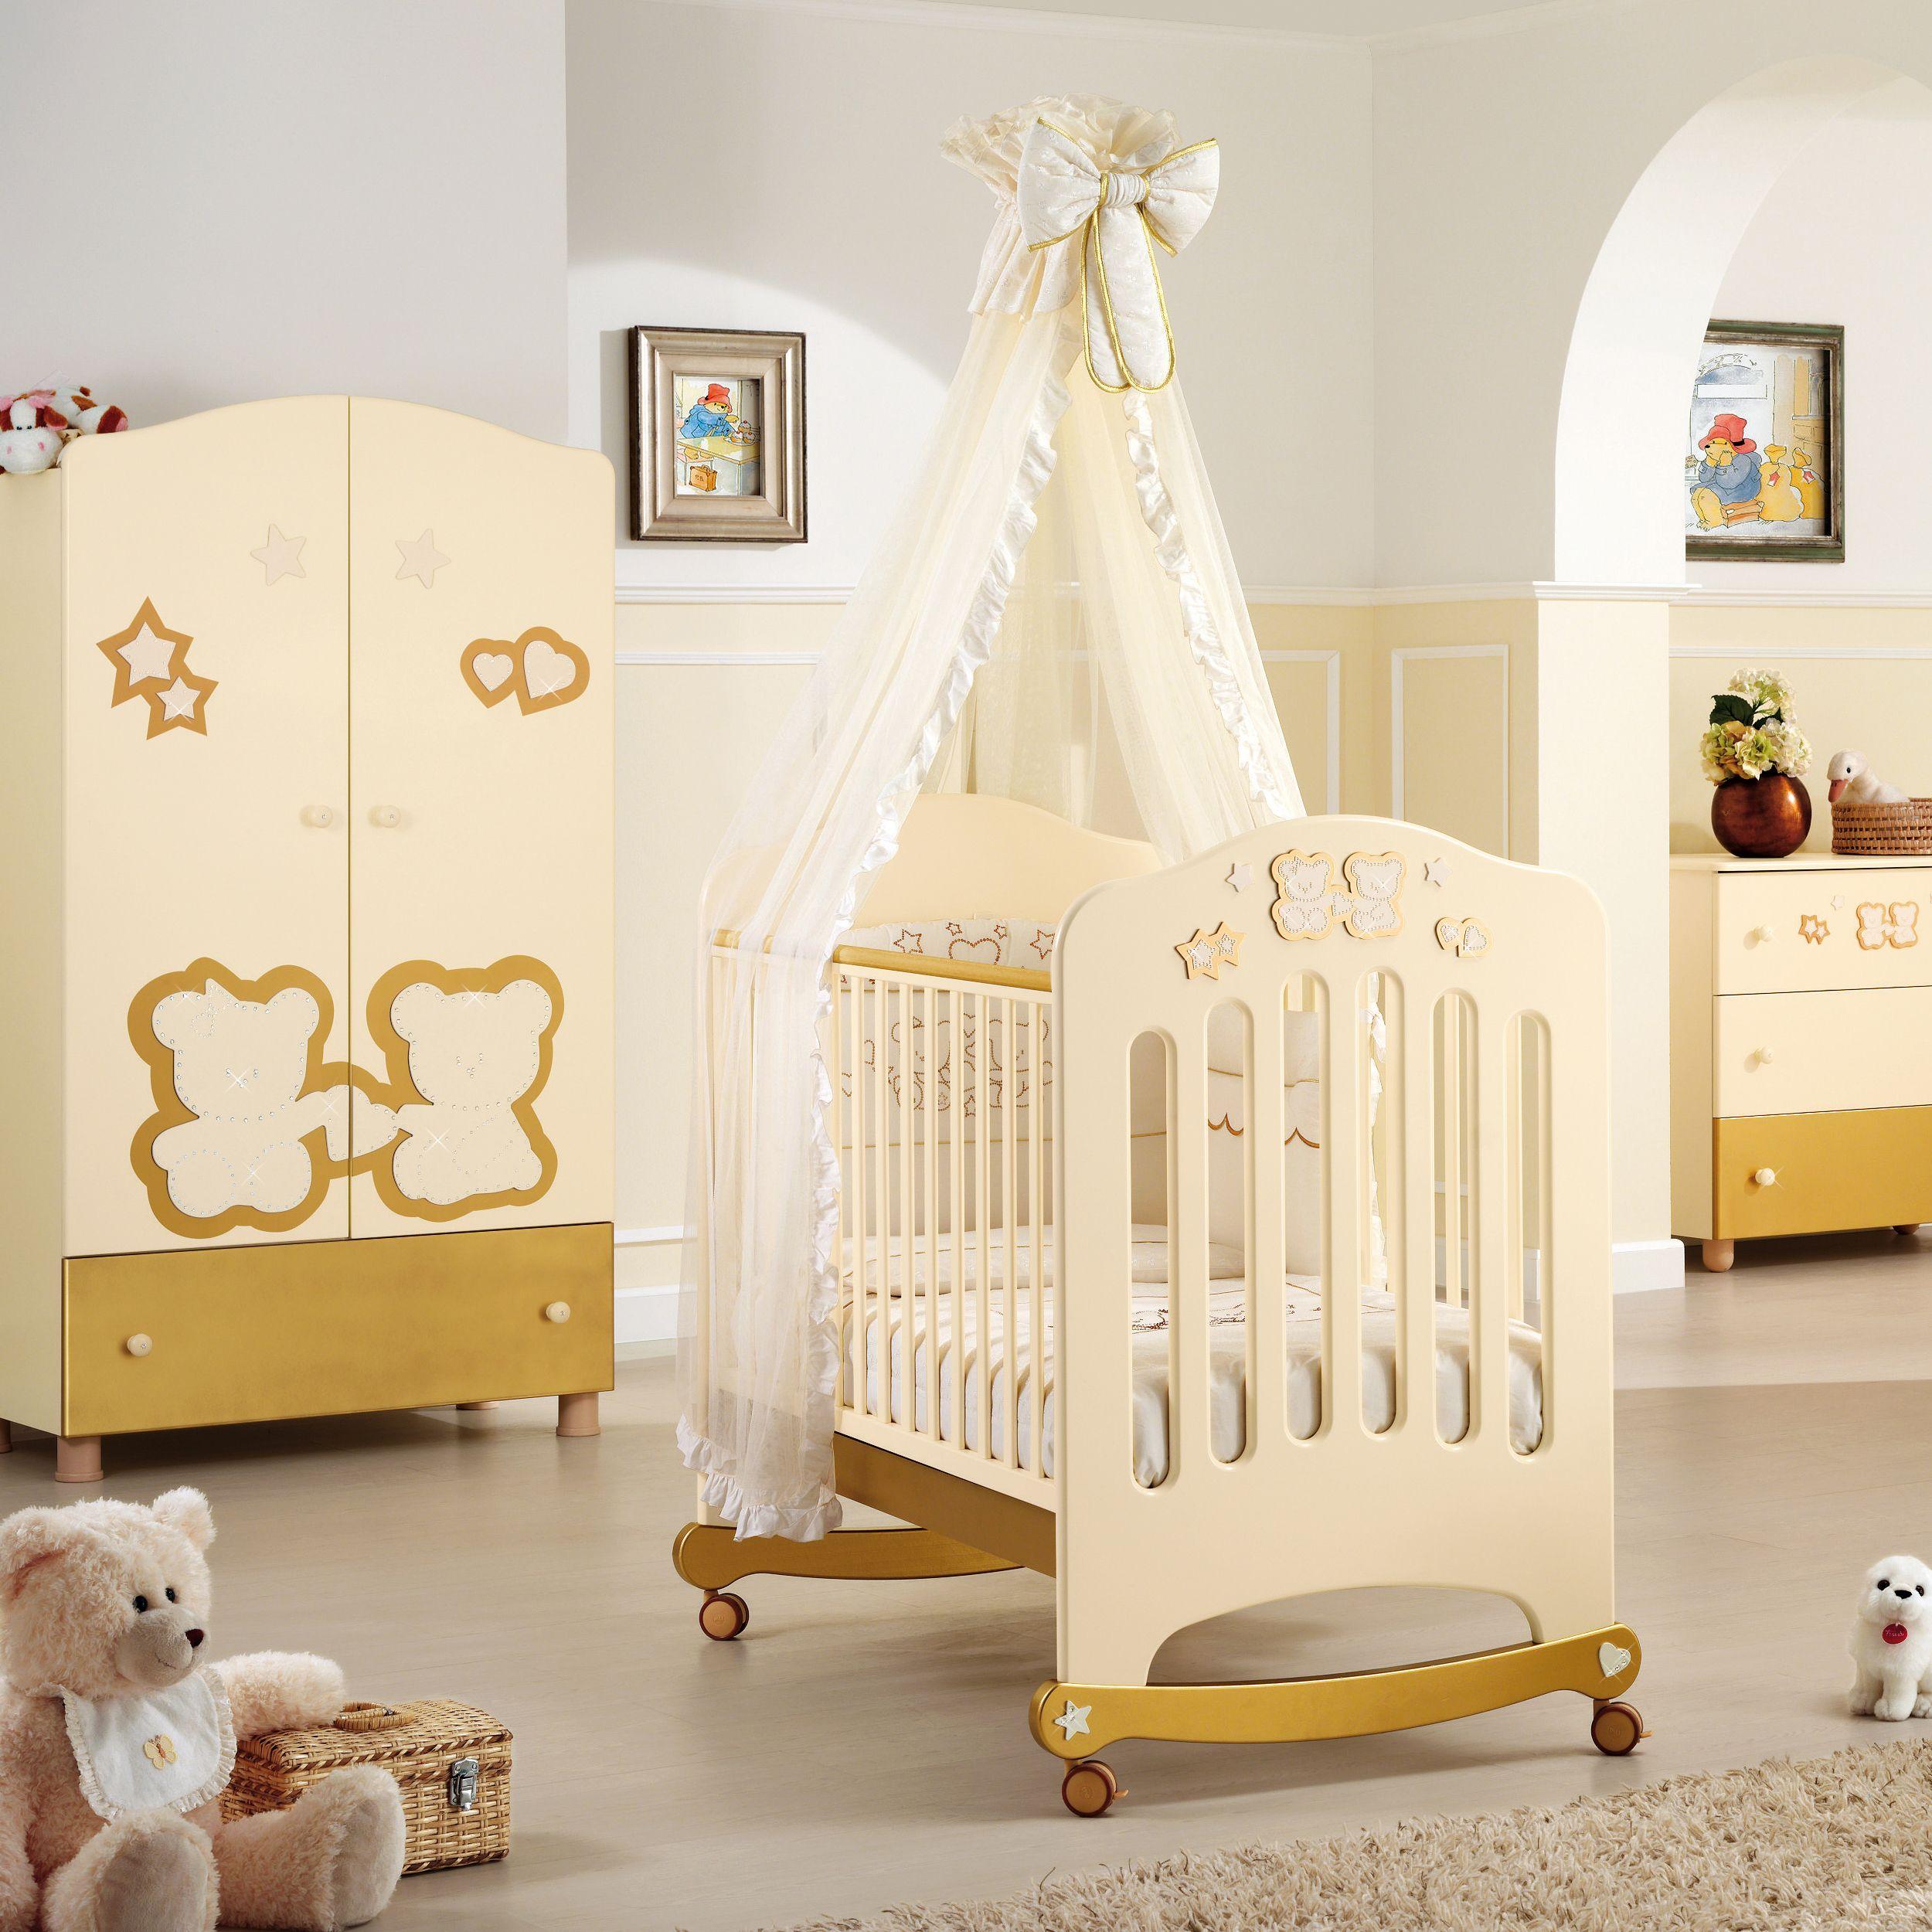 Entdecken Sie besondere #Babymöbel, zum beispiel dieses Luxus ...